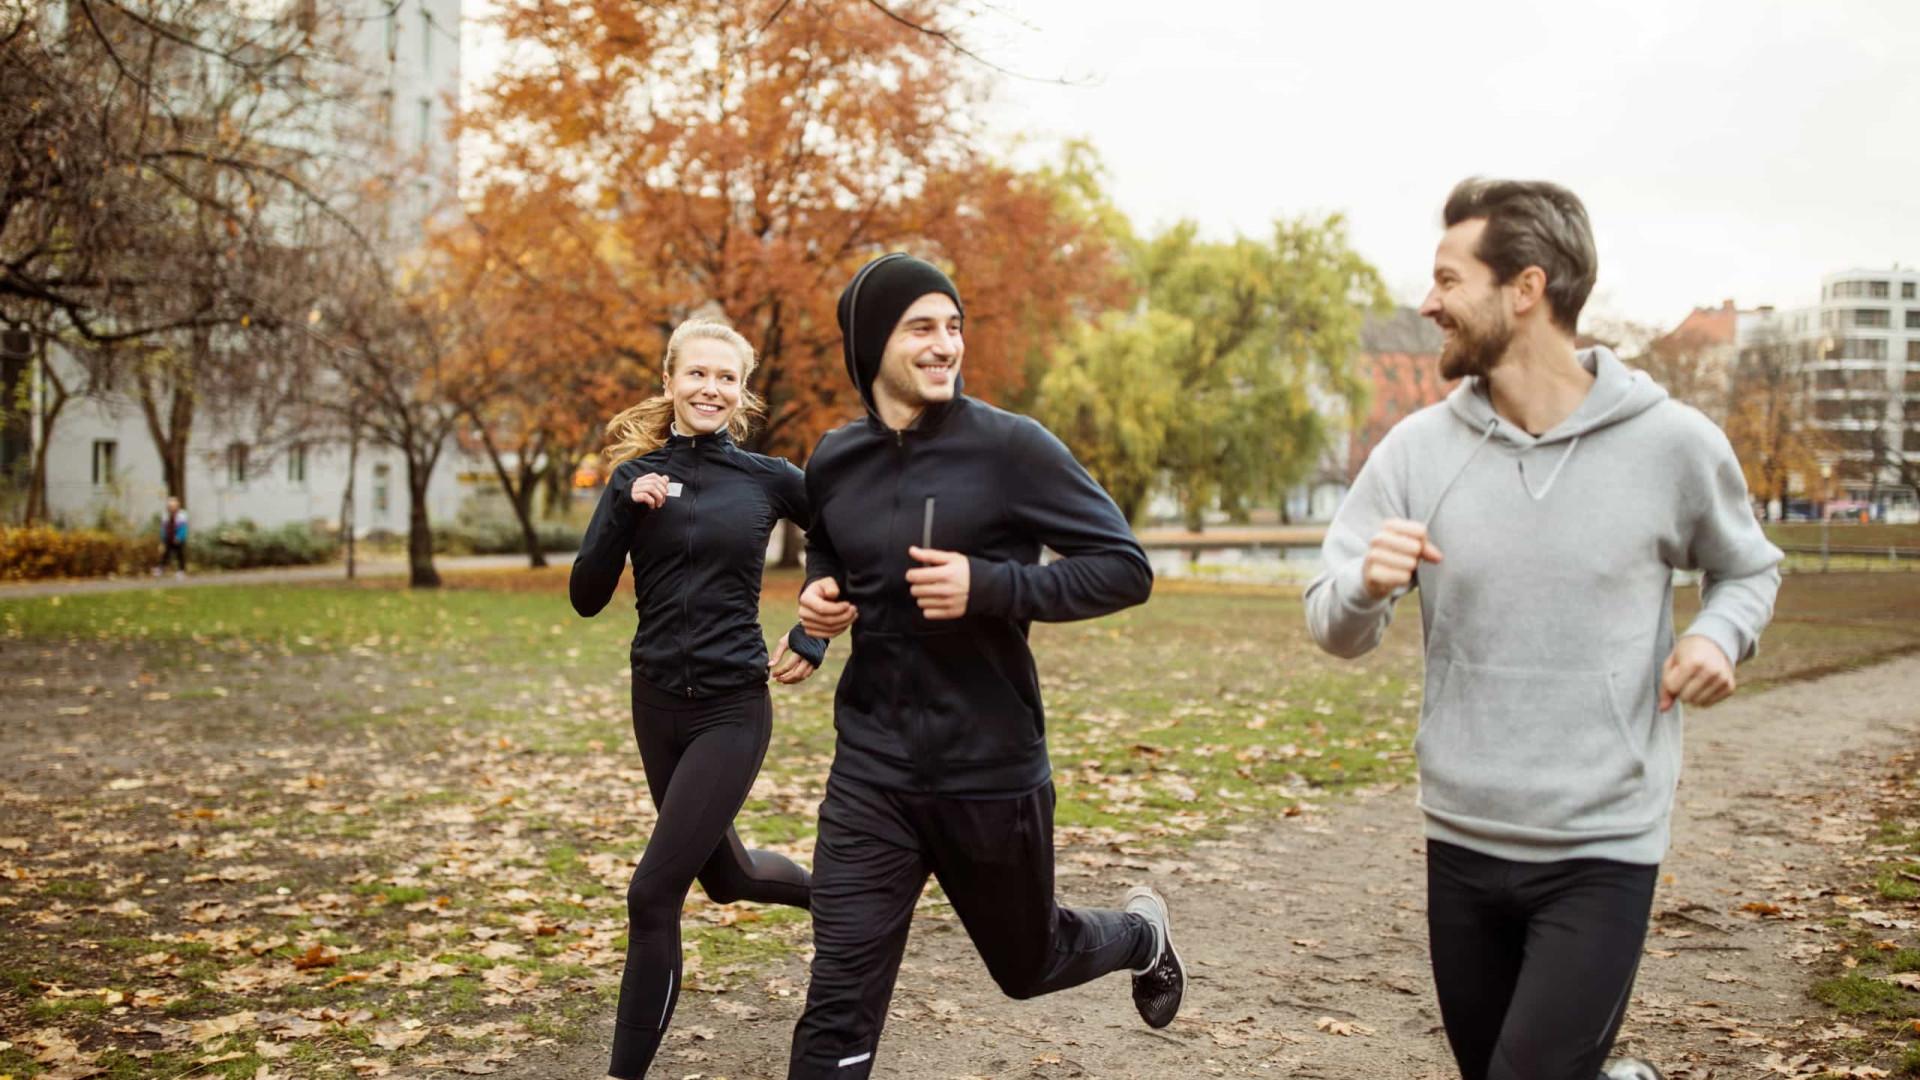 Prática de execício físico pode ajudar a reduzir risco de sete cânceres